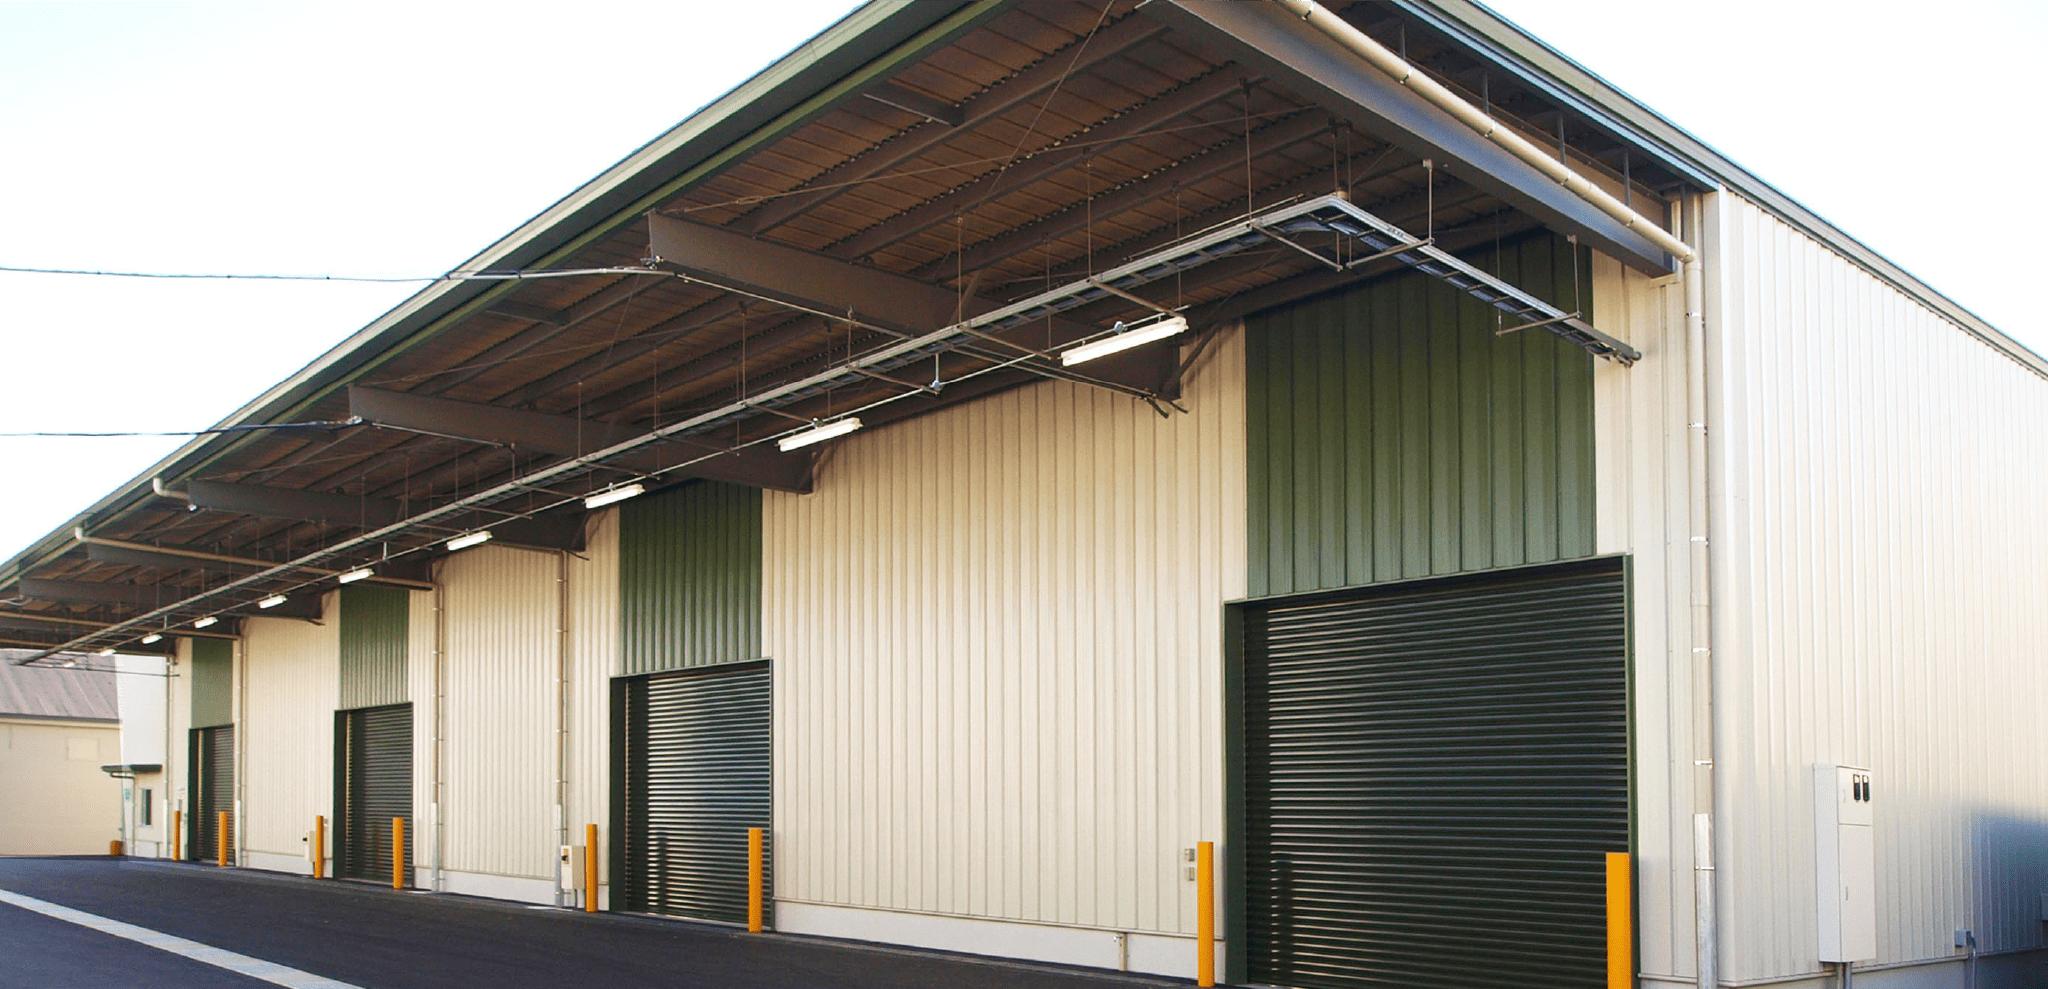 その他の倉庫建設